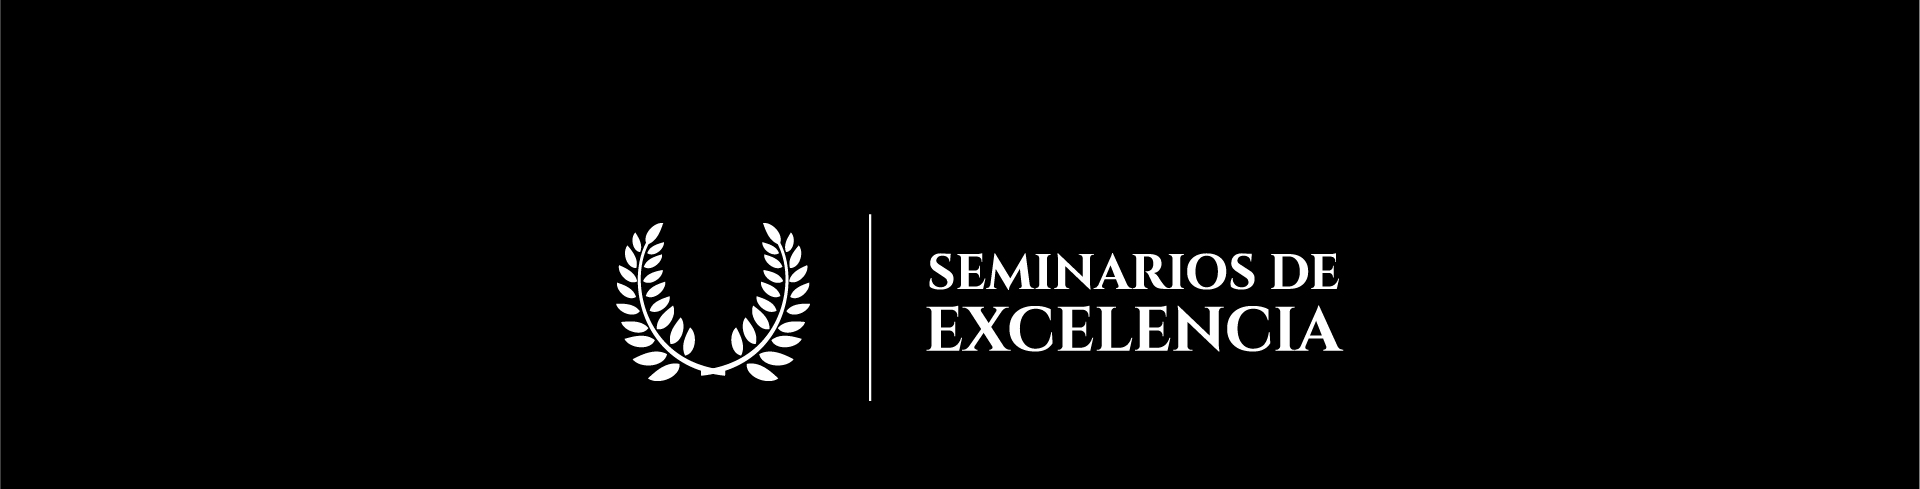 Seminarios de Excelencia de Educación Continua Uniandes